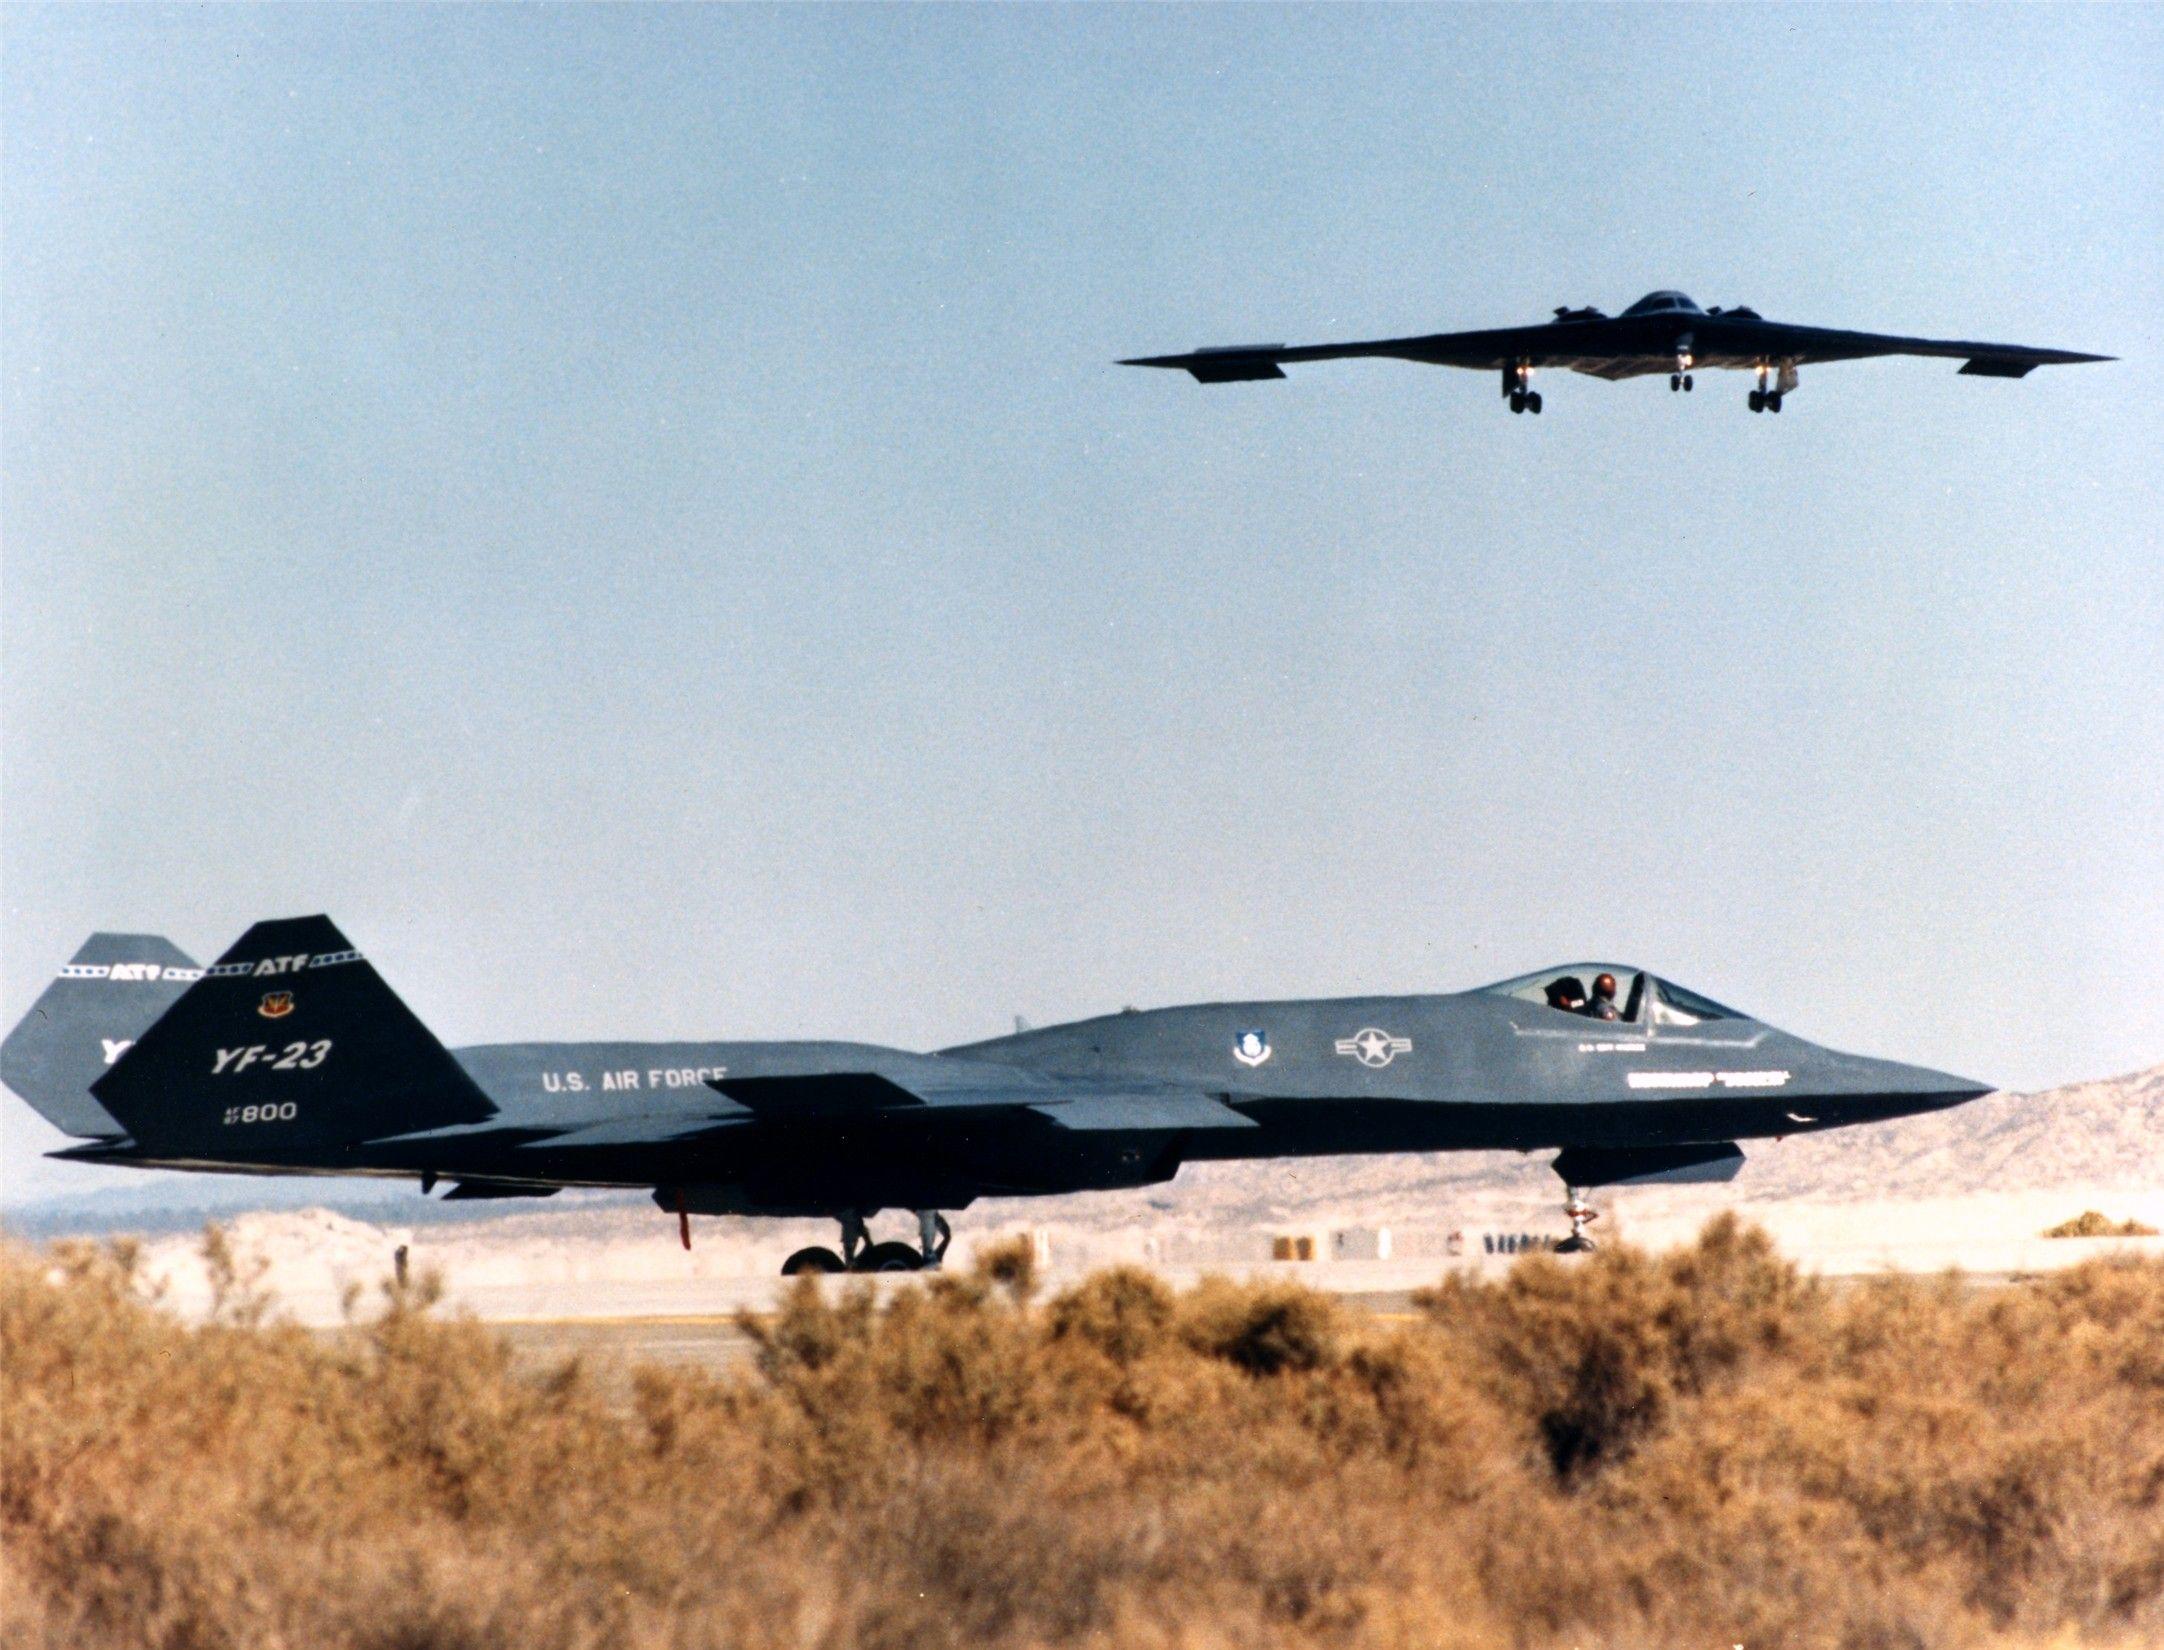 �yf�y�_YF-23andB2landing.. AvionesMilitares Avionesdecombate,Avionescazay